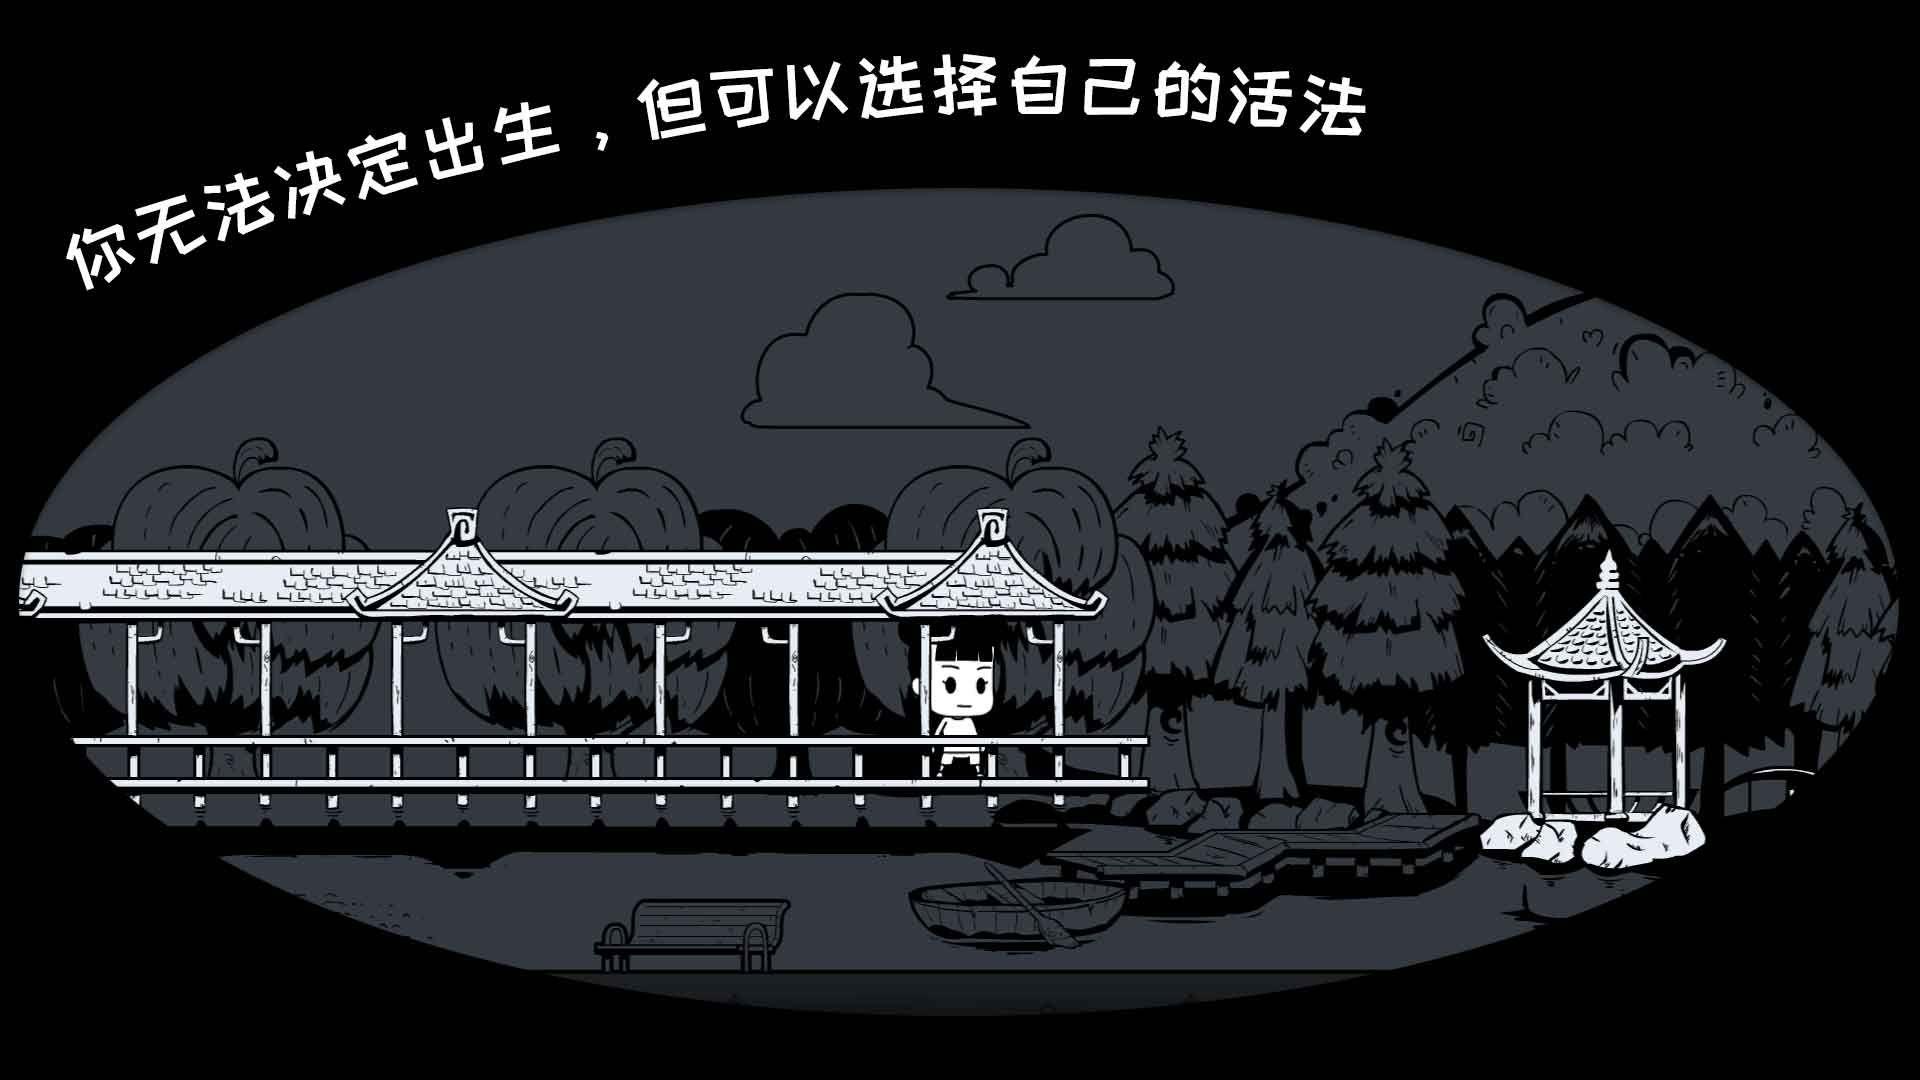 腾讯众生游戏0.8版图片2